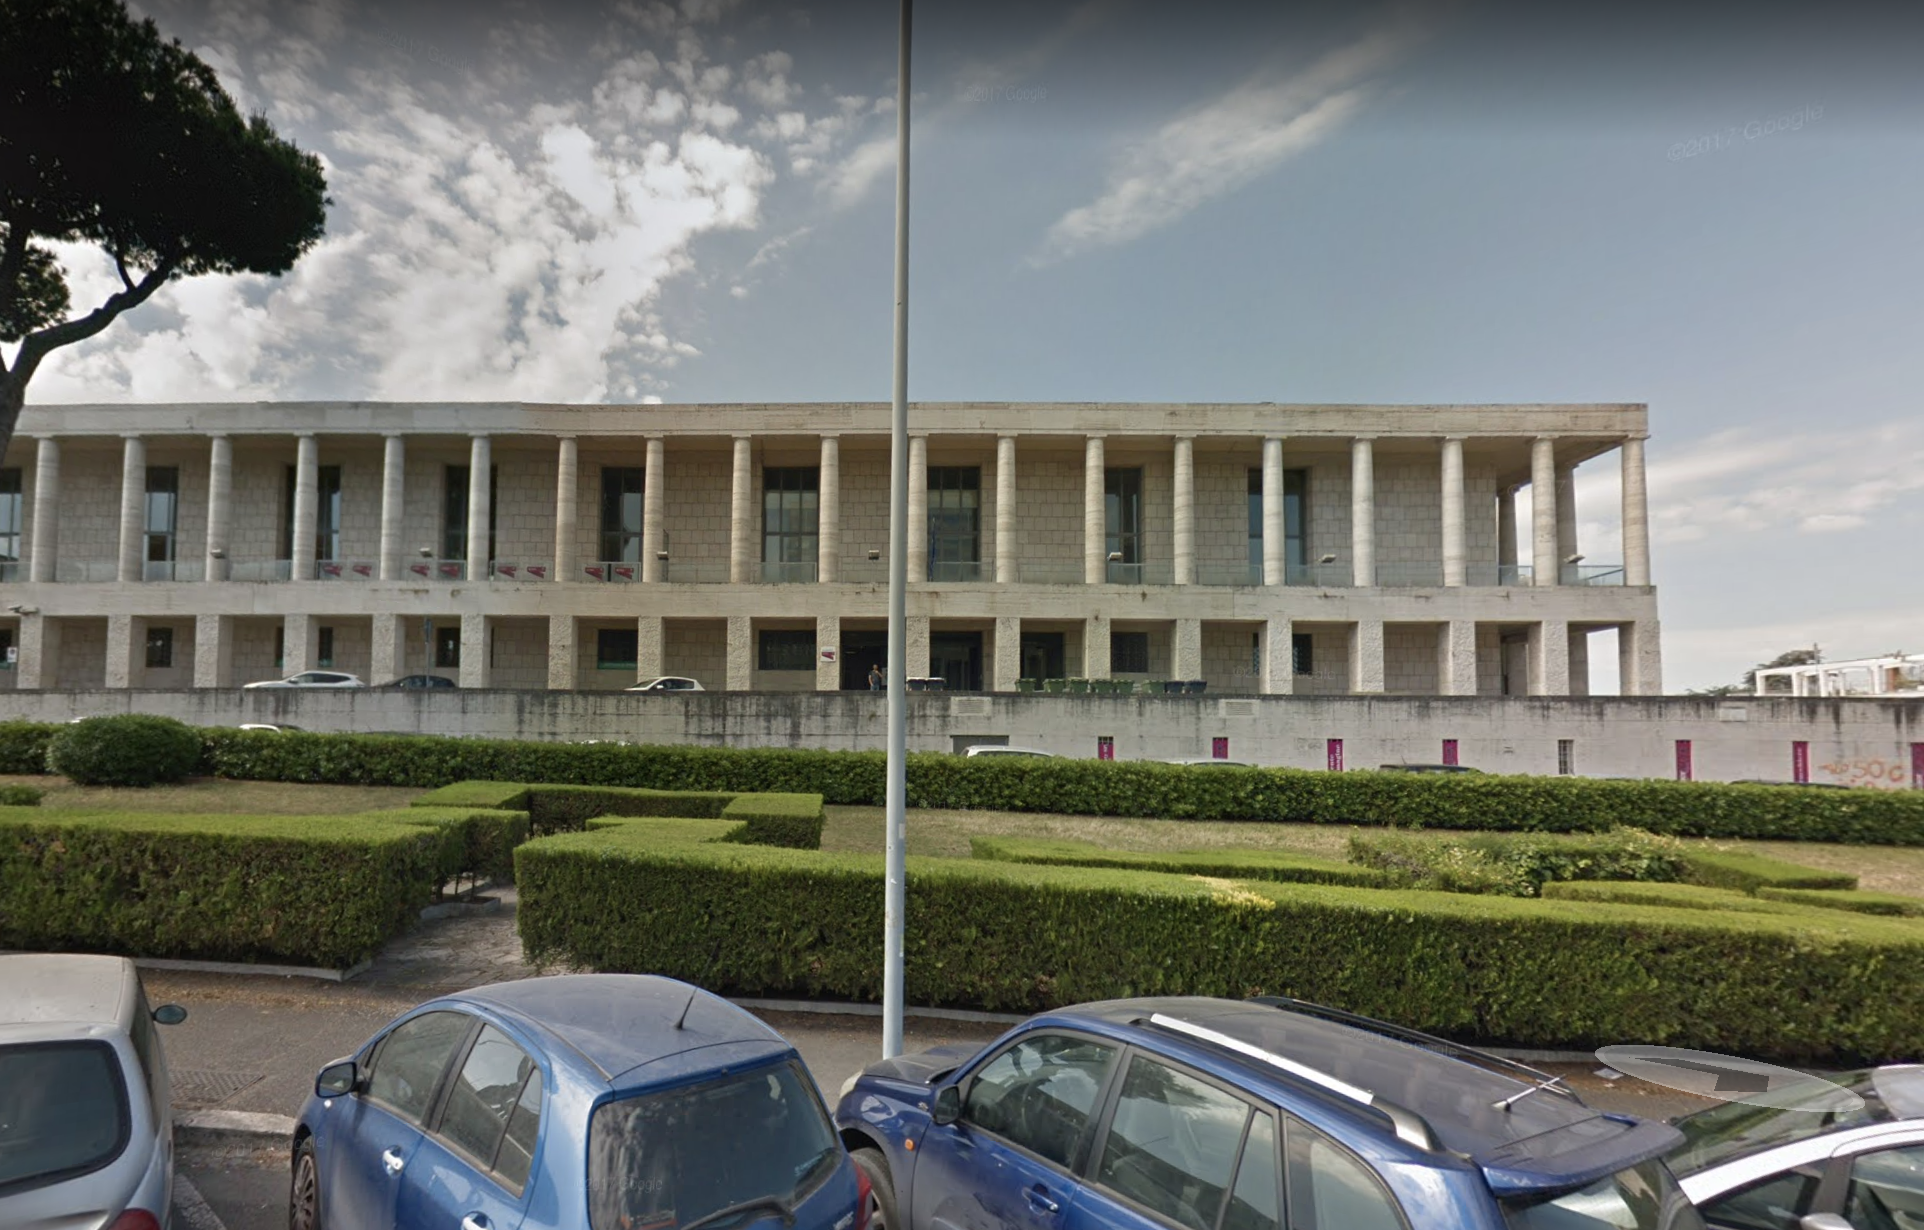 Gli uffici federali resteranno chiusi  per sanificazione dal 19 al 21 ottobre